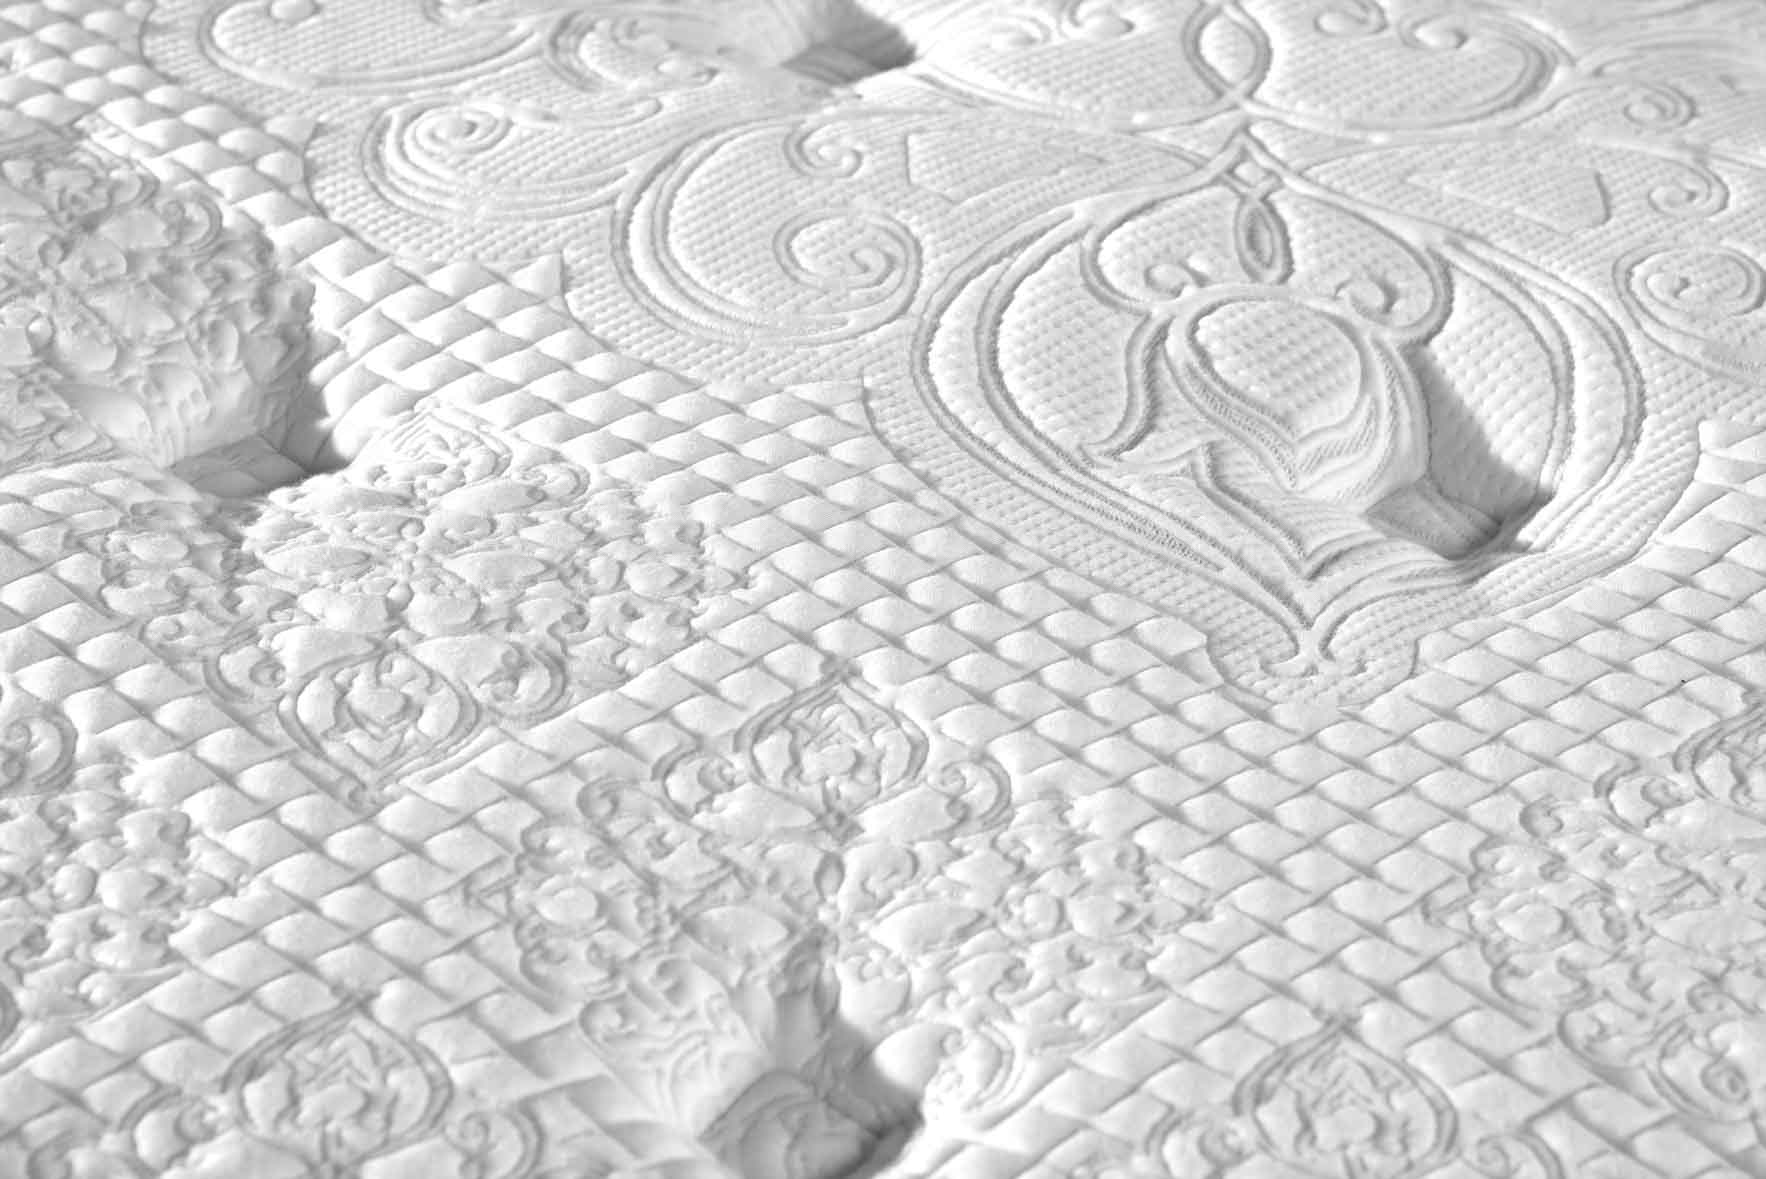 辽宁乳胶床垫优质商家 推荐咨询 苏州星夜家居科技供应